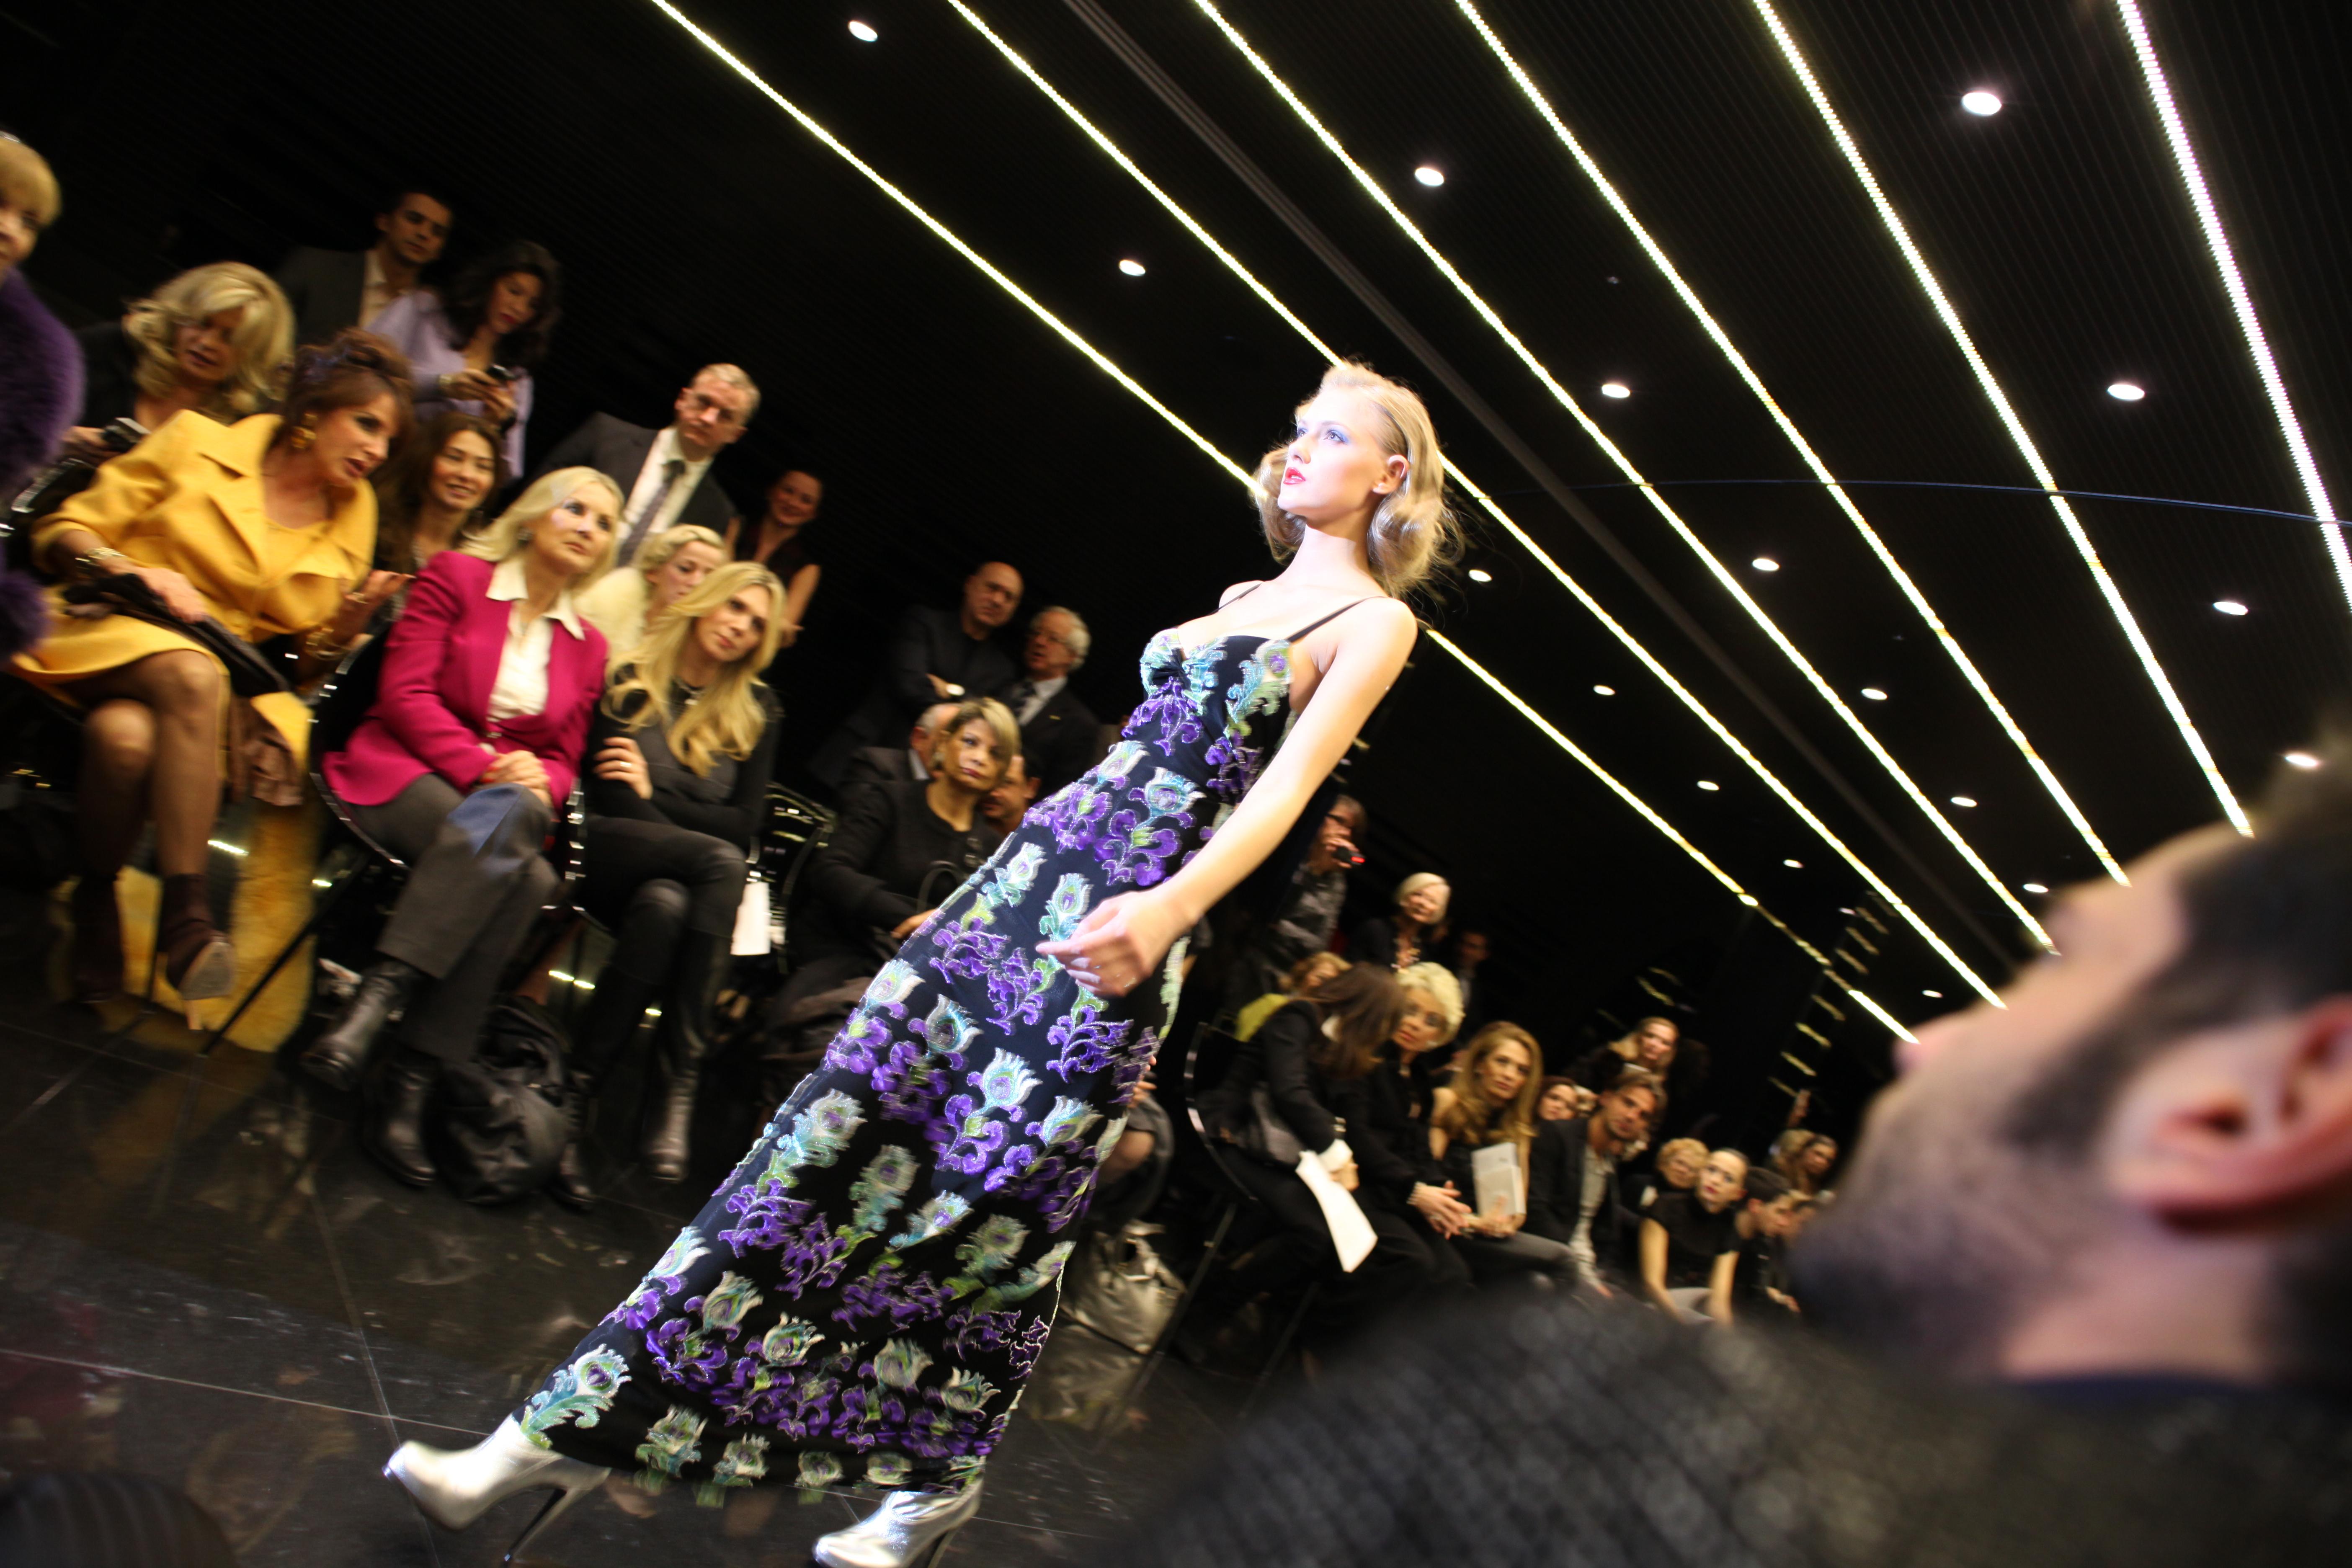 La settimana della moda a Milano 2016